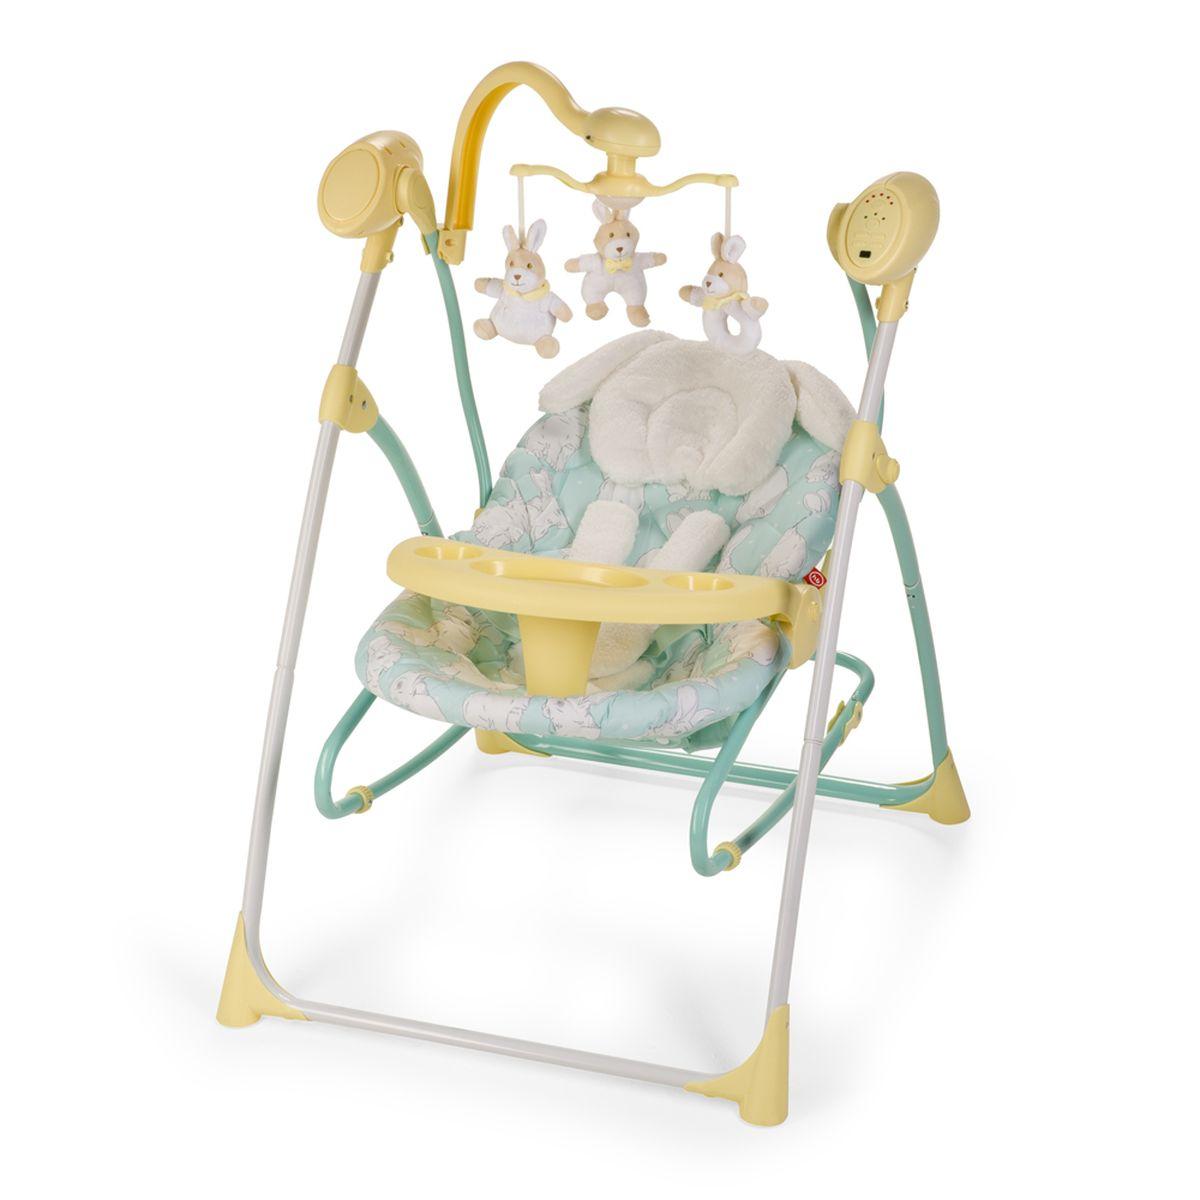 Happy Baby Электрокачели Luffy Yellow4650069782520Кресло-качели LUFFY — лучший помощник для мамы, начиная с первых дней жизни ребенка. Вы можете подобрать идеальное положение спинки (из трех имеющихся), которое обеспечит малышу комфорт для сна или бодрствования. Пять скоростей укачивания помогут выбрать оптимальный и комфортный вариант для вашего малыша. Двенадцать мелодий, а также наборы звуков природы развеселят или успокоят, а также помогут развитию слуха ребенка. Электронный мобиль со съемными игрушками заинтересует кроху, поможет развитию его зрительных навыков. Имеется таймер на 15, 30 и 60 минут, который поможет маме заниматься своими неотложными делами. Данная модель может использоваться и как шезлонг, для чего достаточно просто снять люльку с опоры качелей. Также в комплекте есть съемный подносик для еды и игр, что очень удобно когда мама начнет вводить первый прикорм и малыш будет дольше бодрствовать. Чехол легко снимается, стирается, а сами качели легко складываются и не занимают много места в квартире. Работают от...